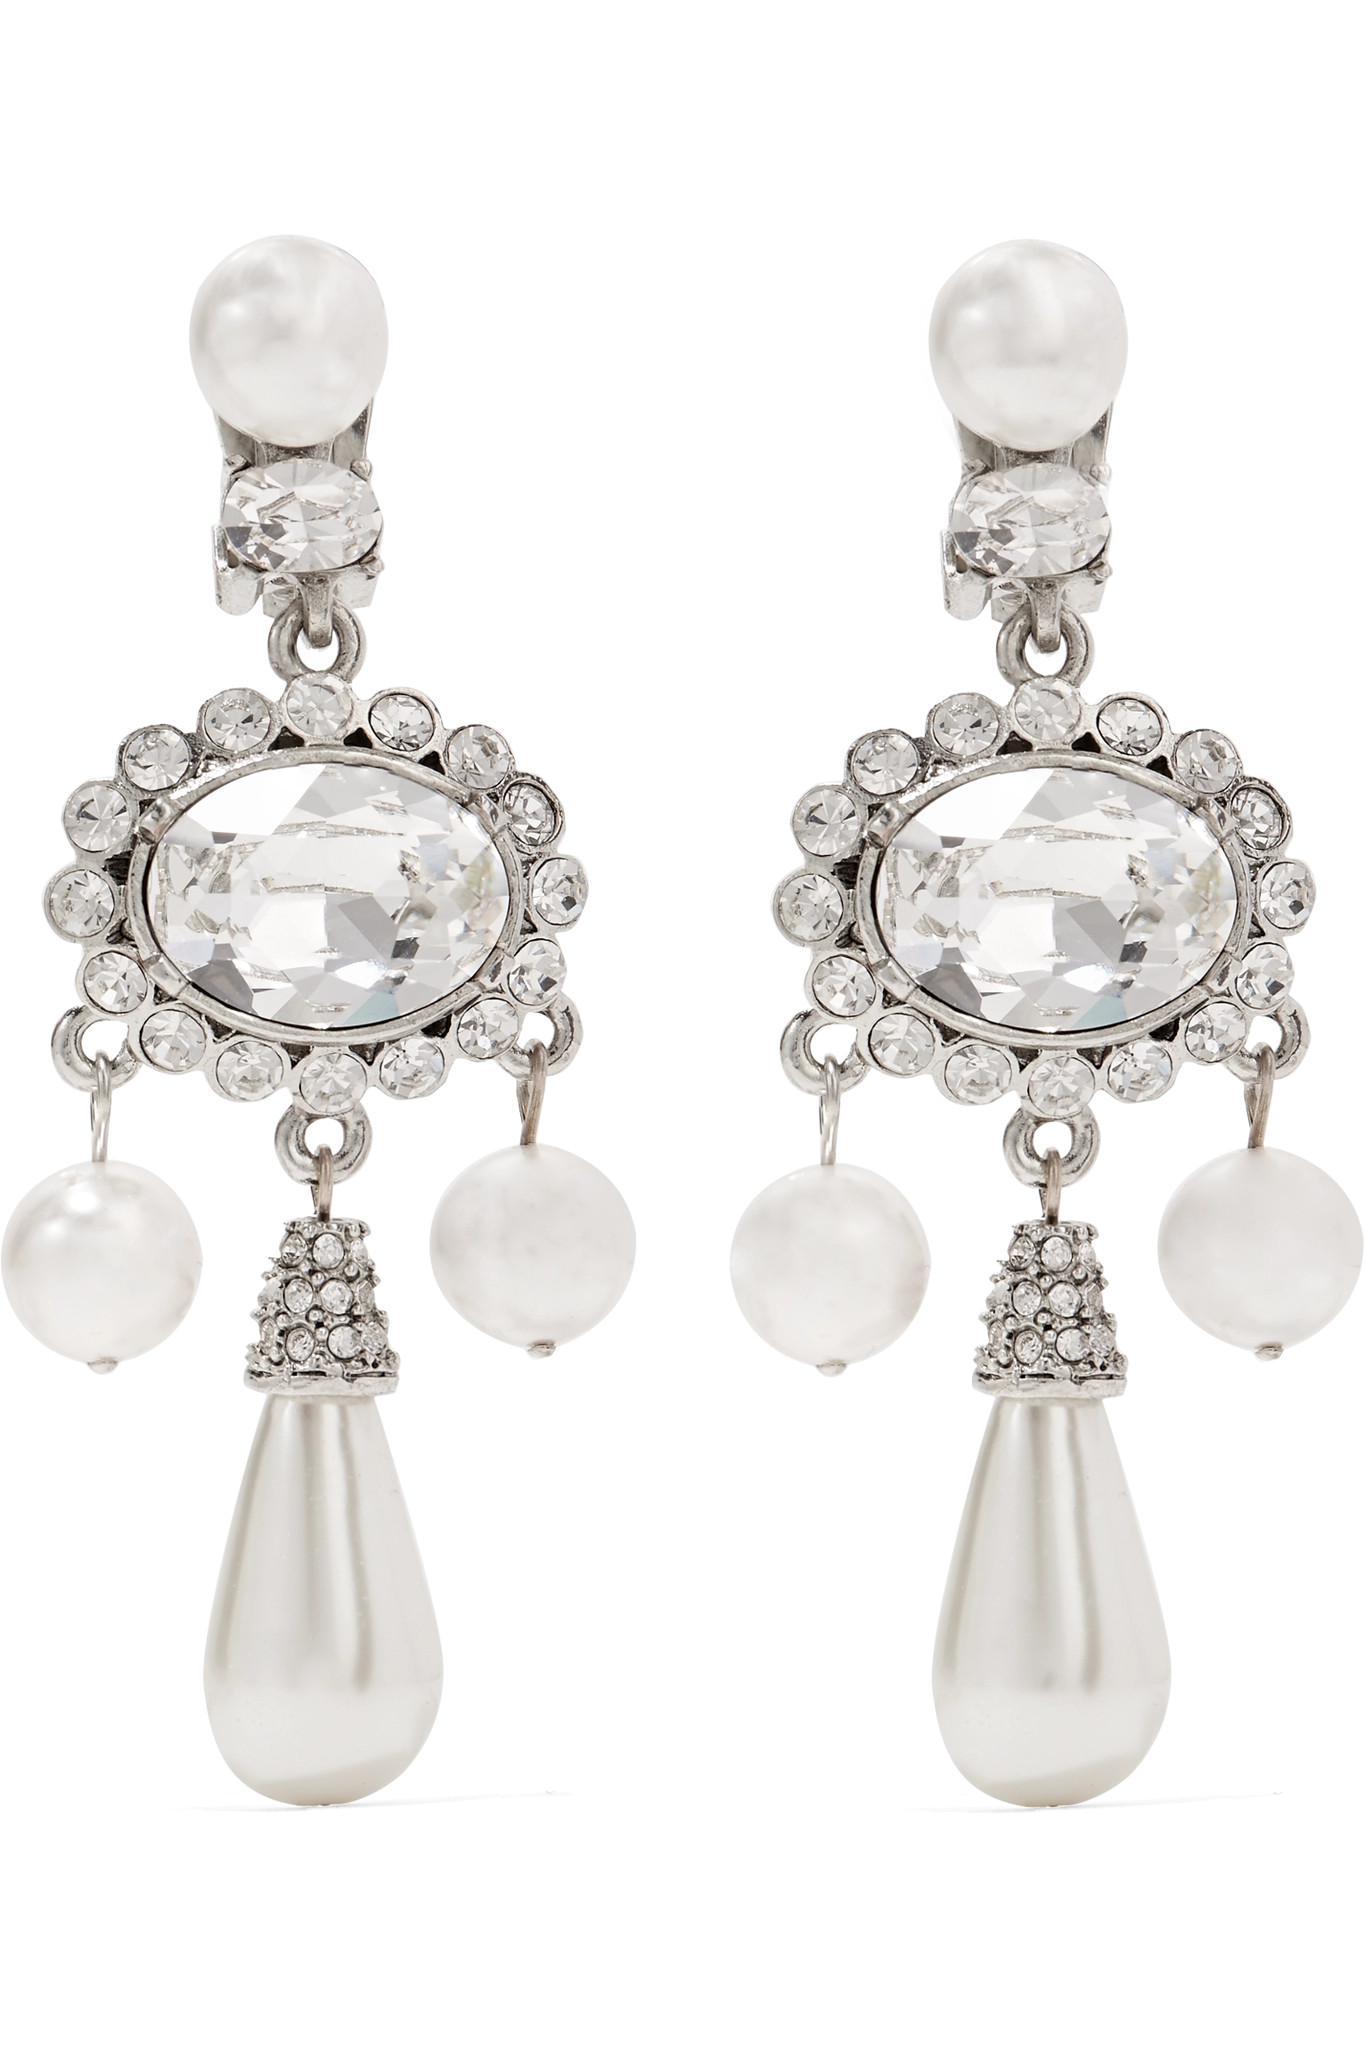 Oscar De La A Women S Metallic Silver Plated Faux Pearl And Swarovski Crystal Clip Earrings